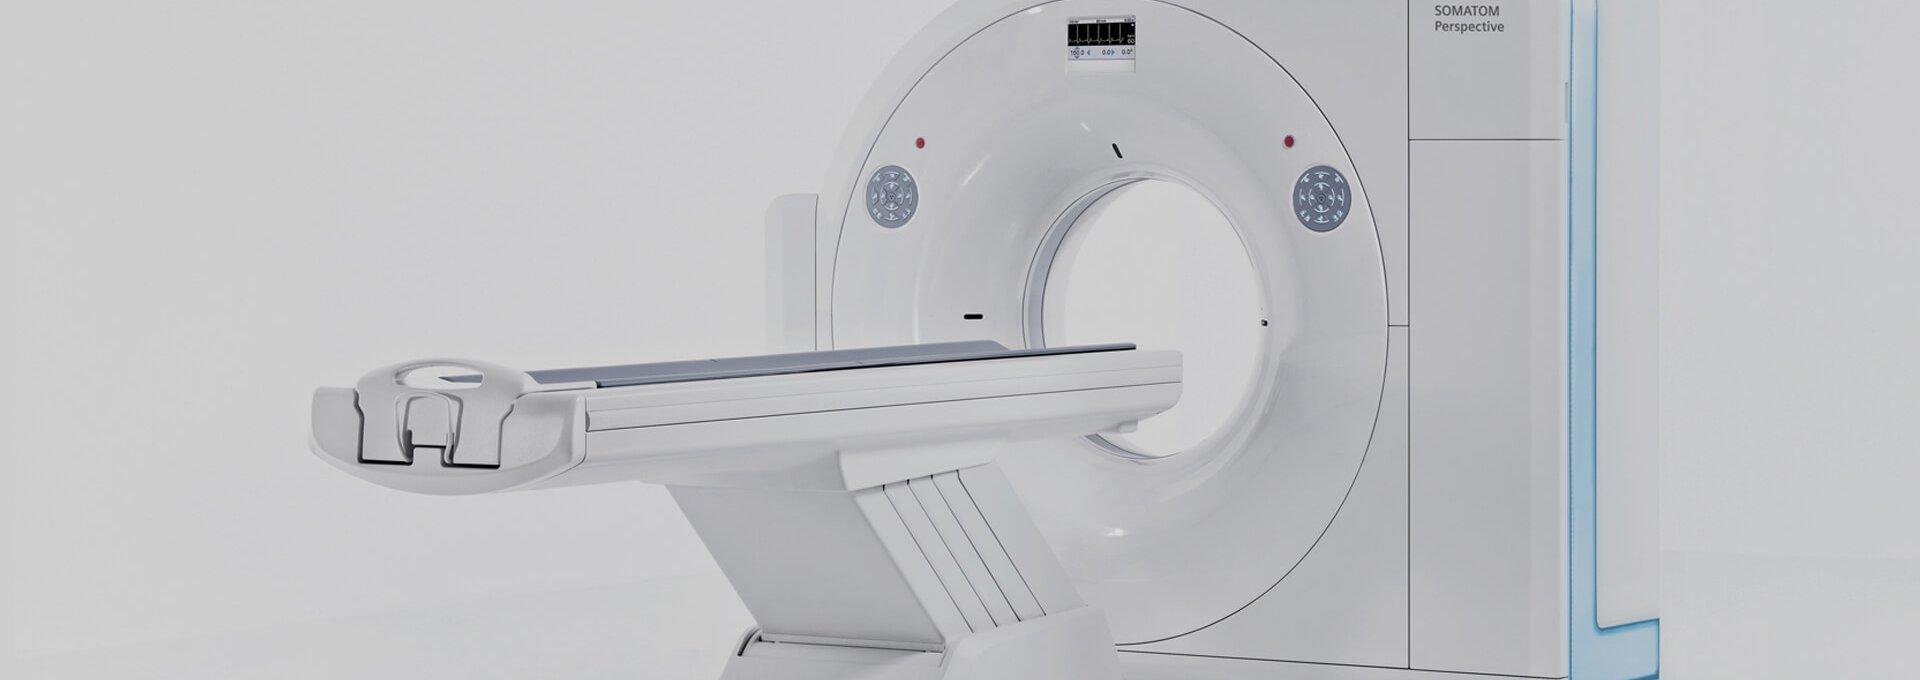 Computertomographie im Radiologisches Zentrum in Höchstadt